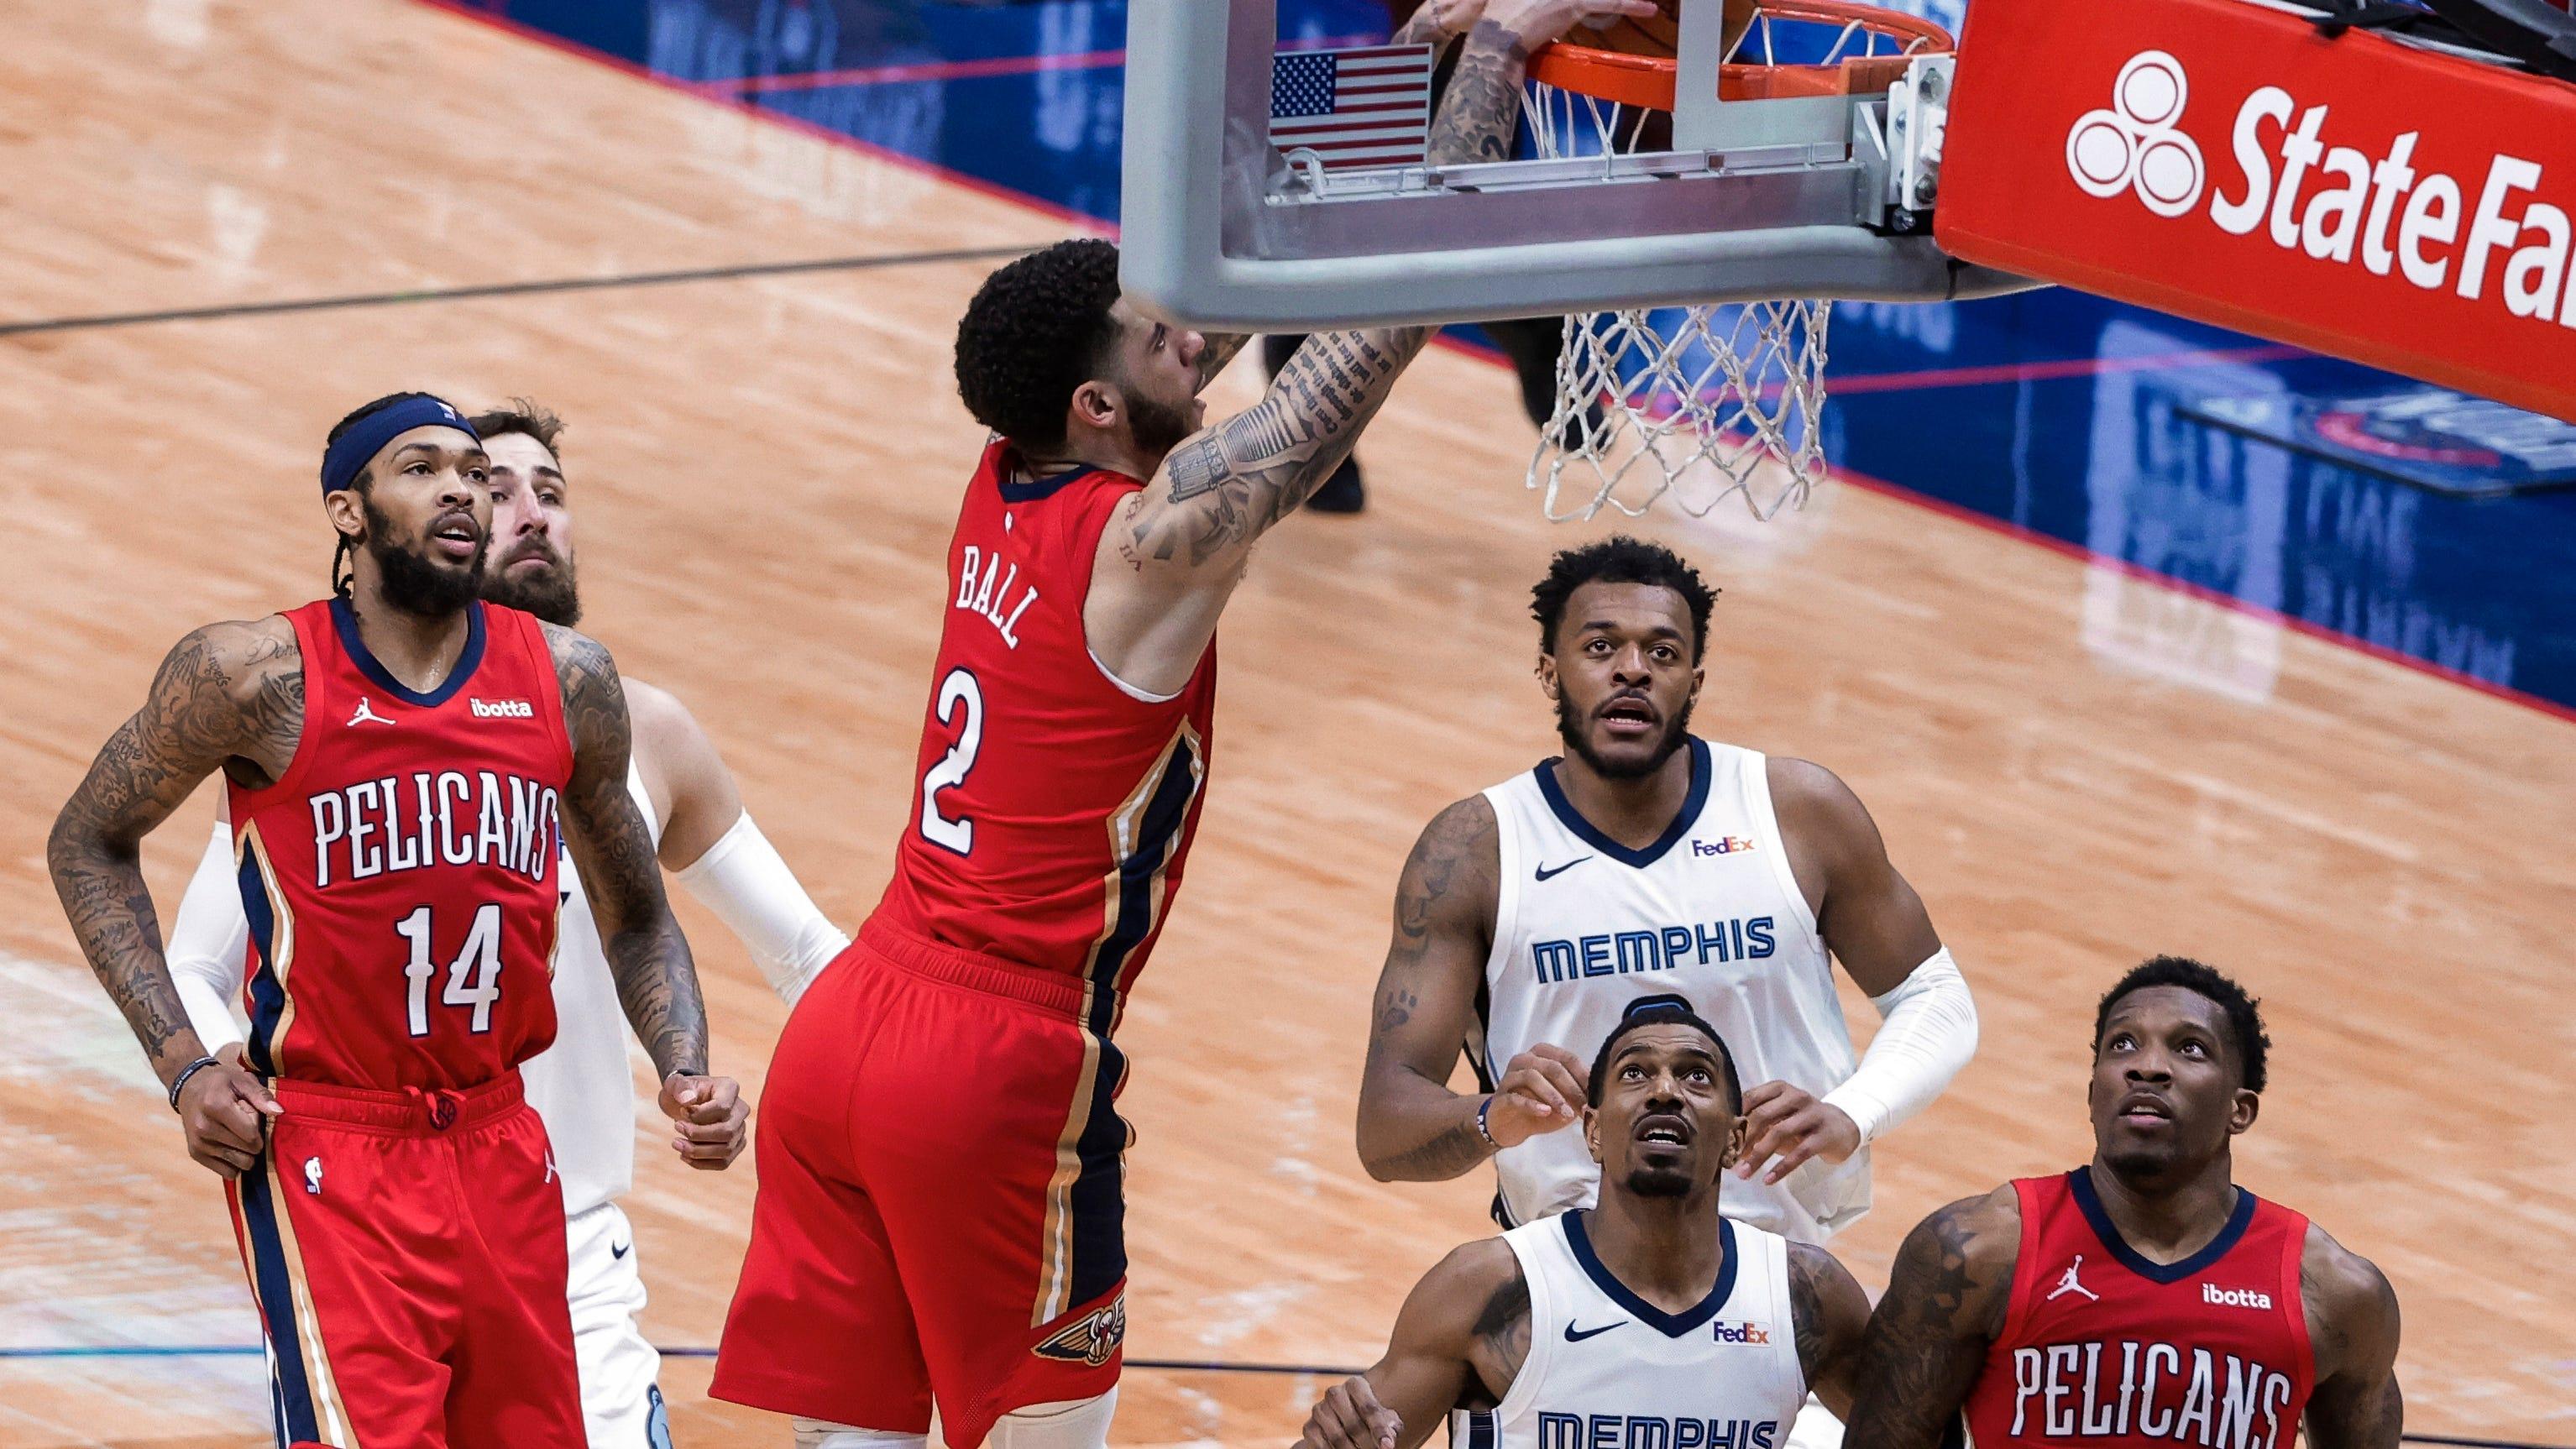 Αποτέλεσμα εικόνας για New Orleans Pelicans - Memphis Grizzlies 118-109